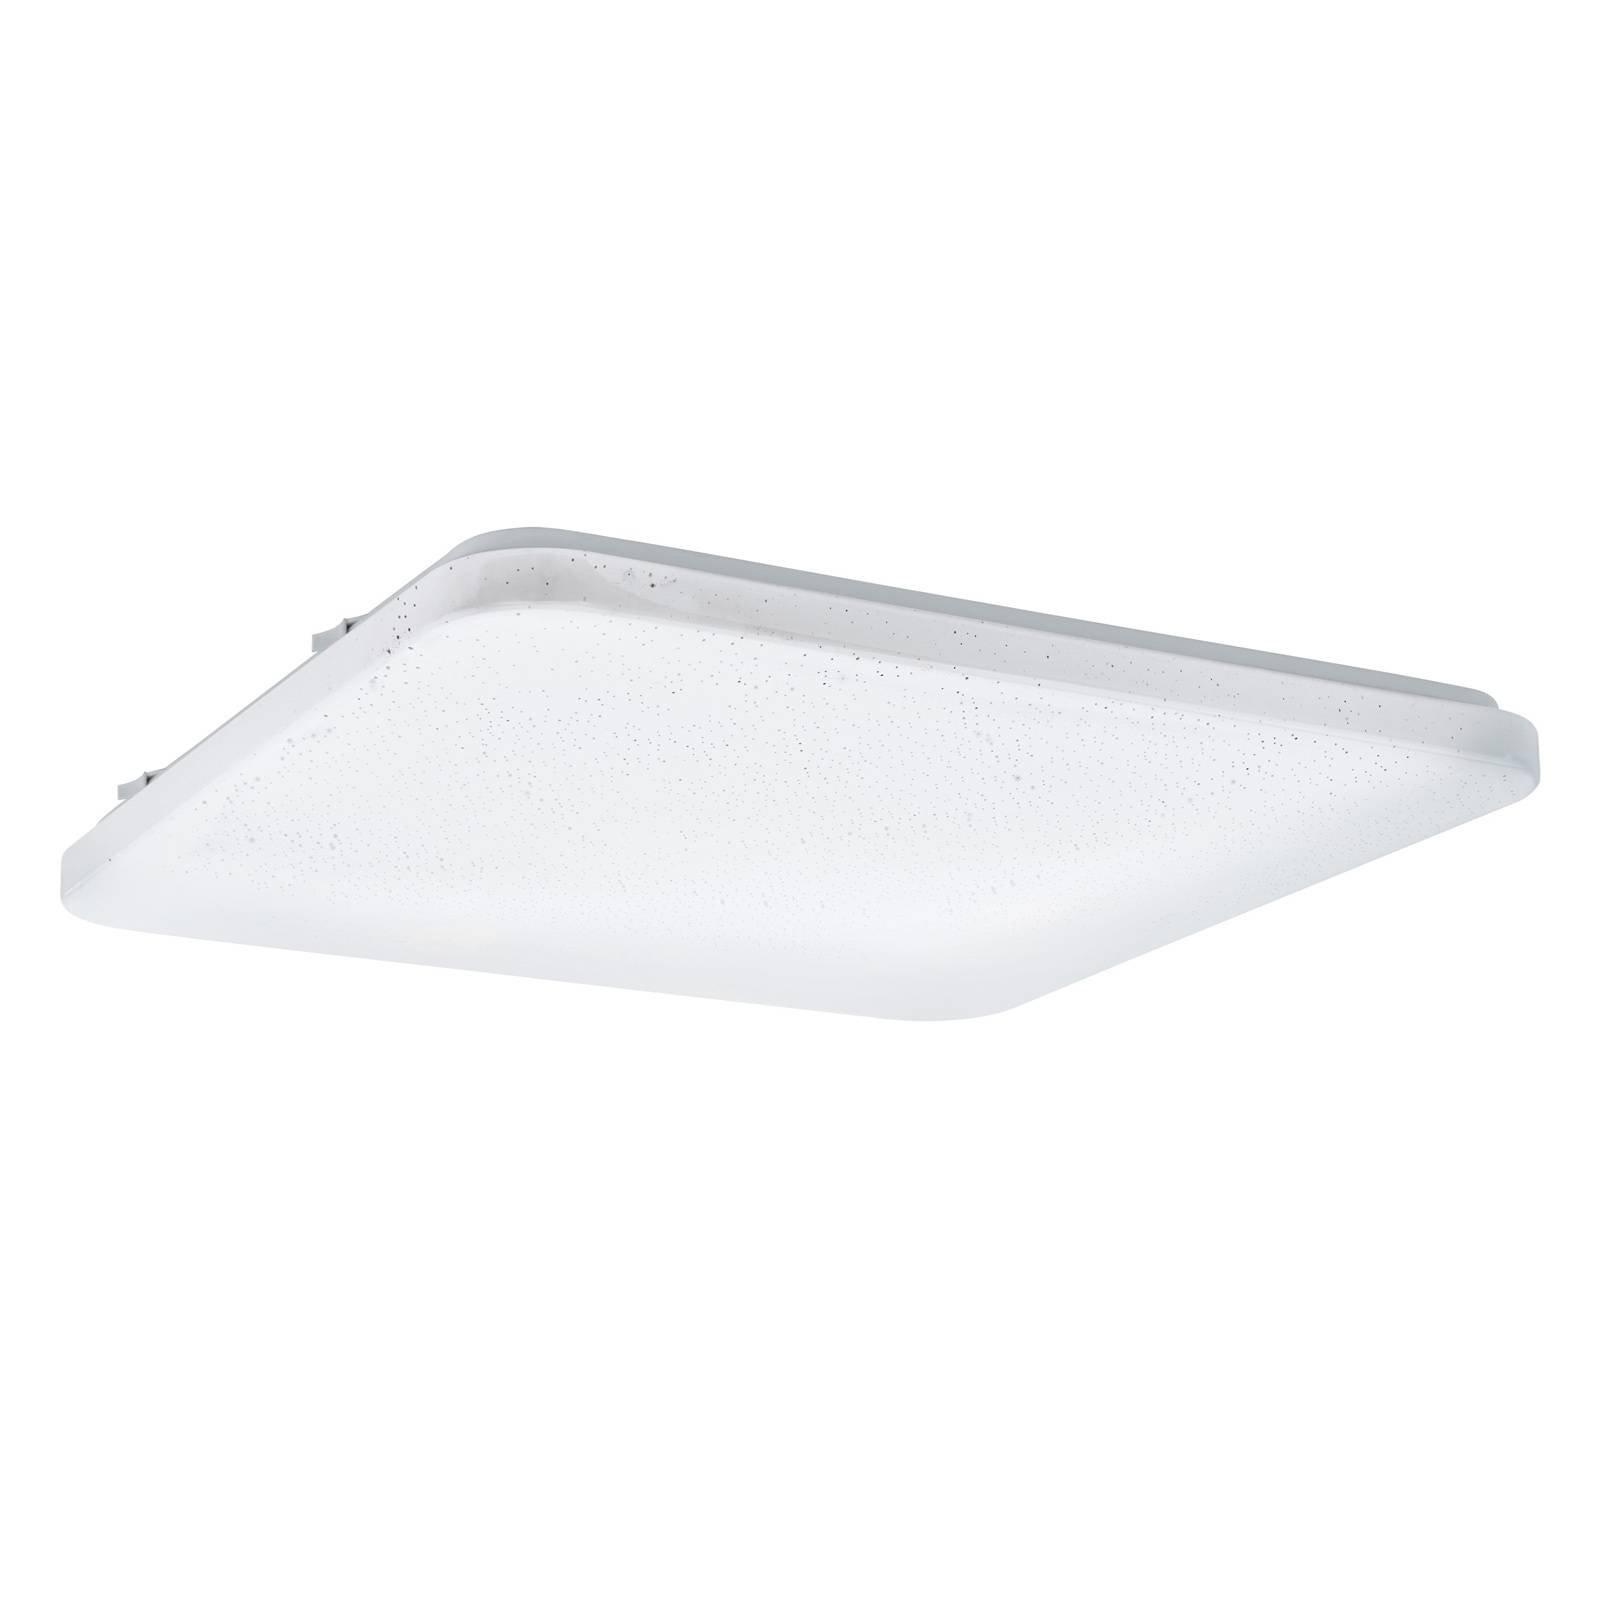 LED-taklampe Frania med krystalleffekt, kantet